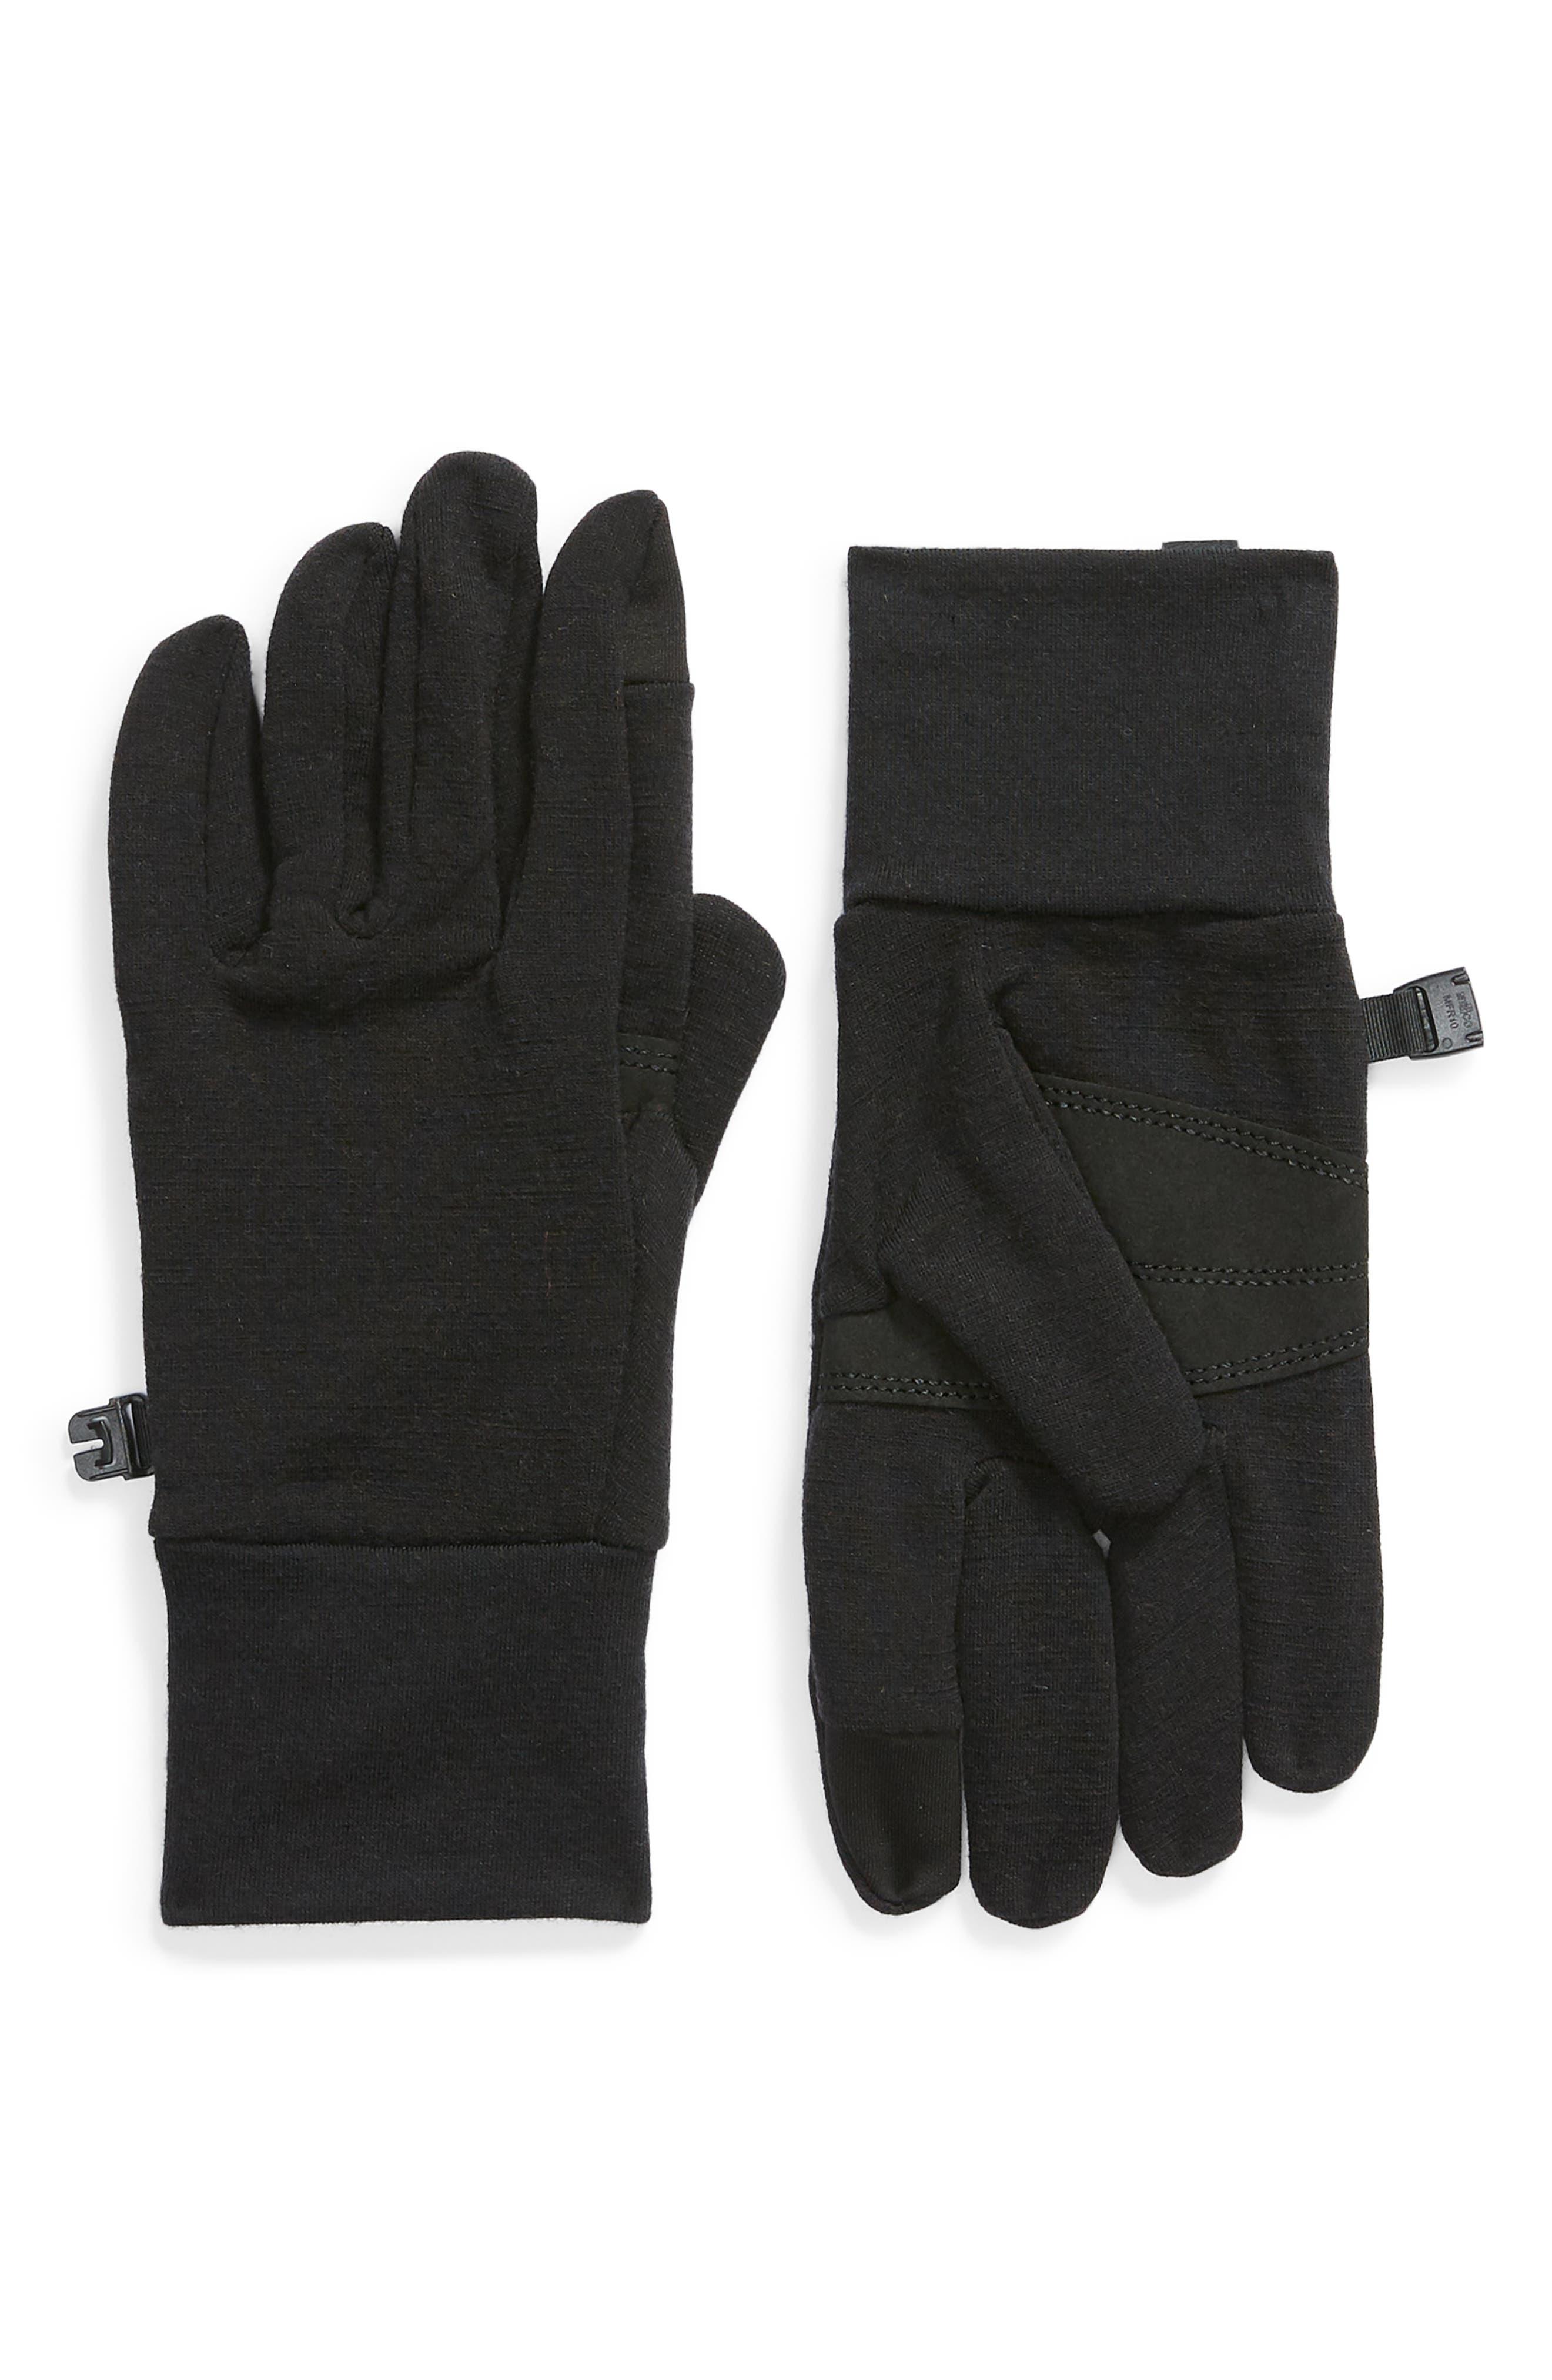 Sierra Tech Touchscreen Compatible Fleece Gloves